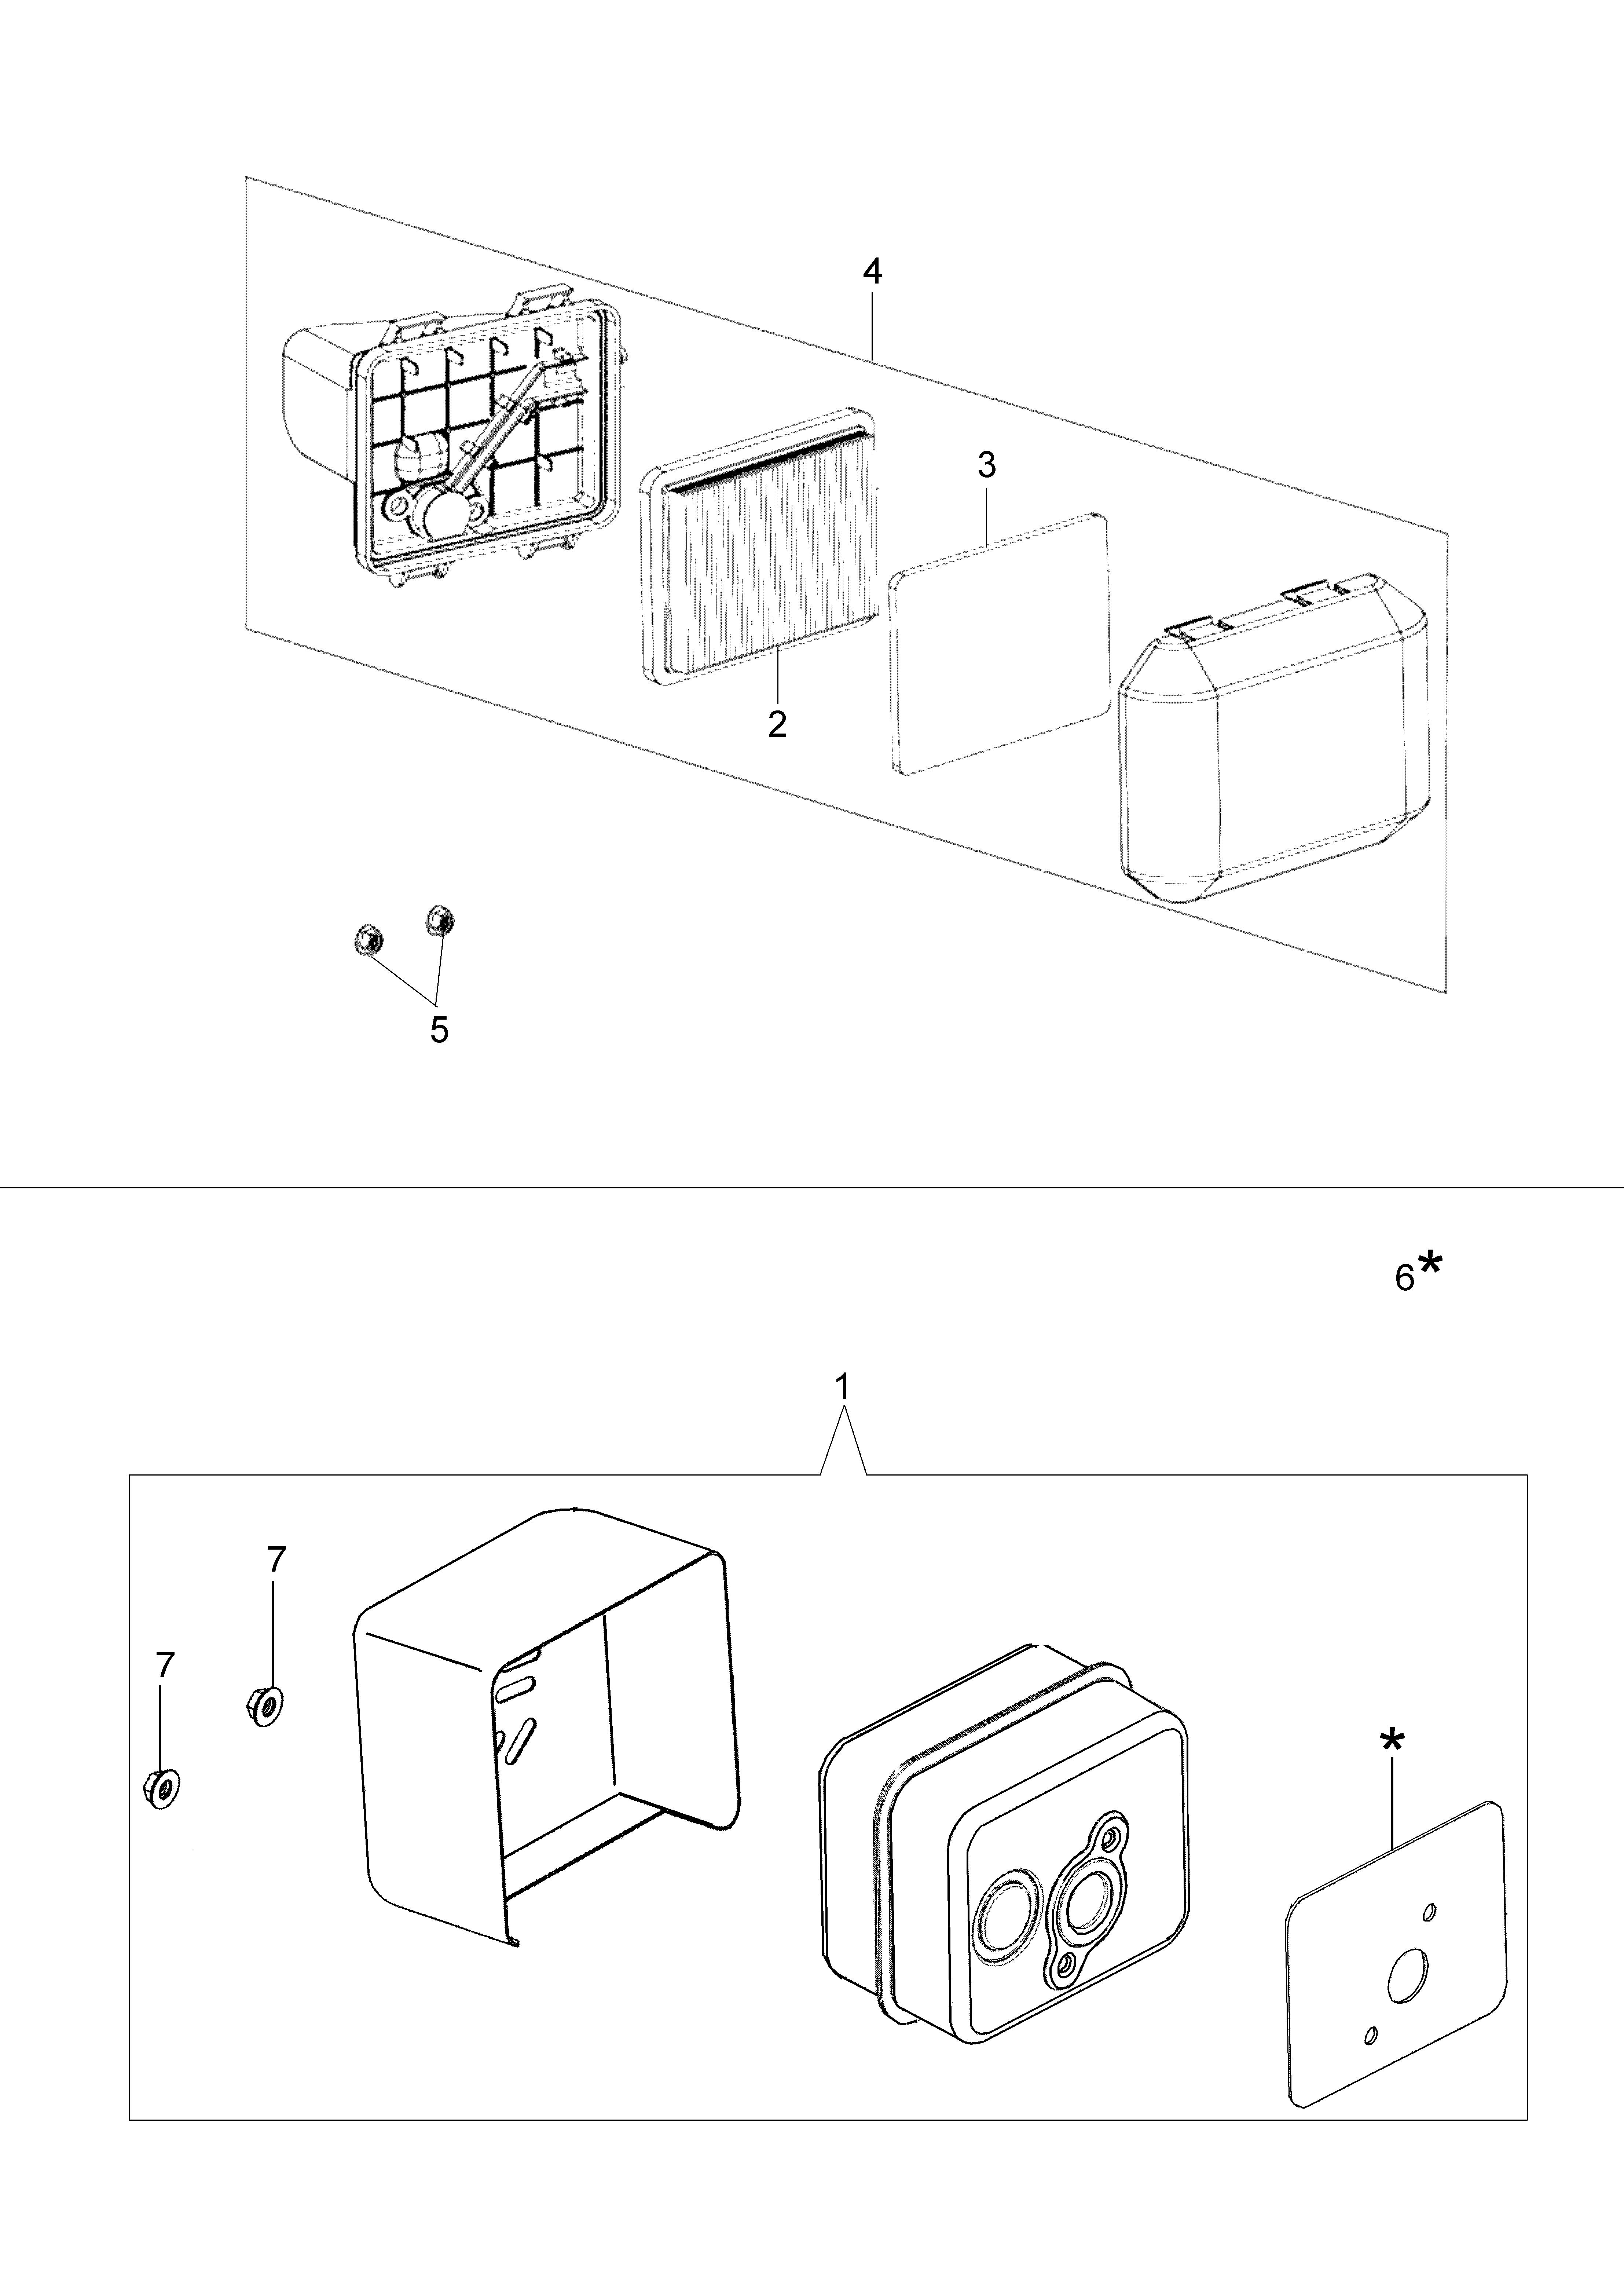 MOTEUR K650 emak vue éclatée Dessins pièces - Filtre air et pot d échappement